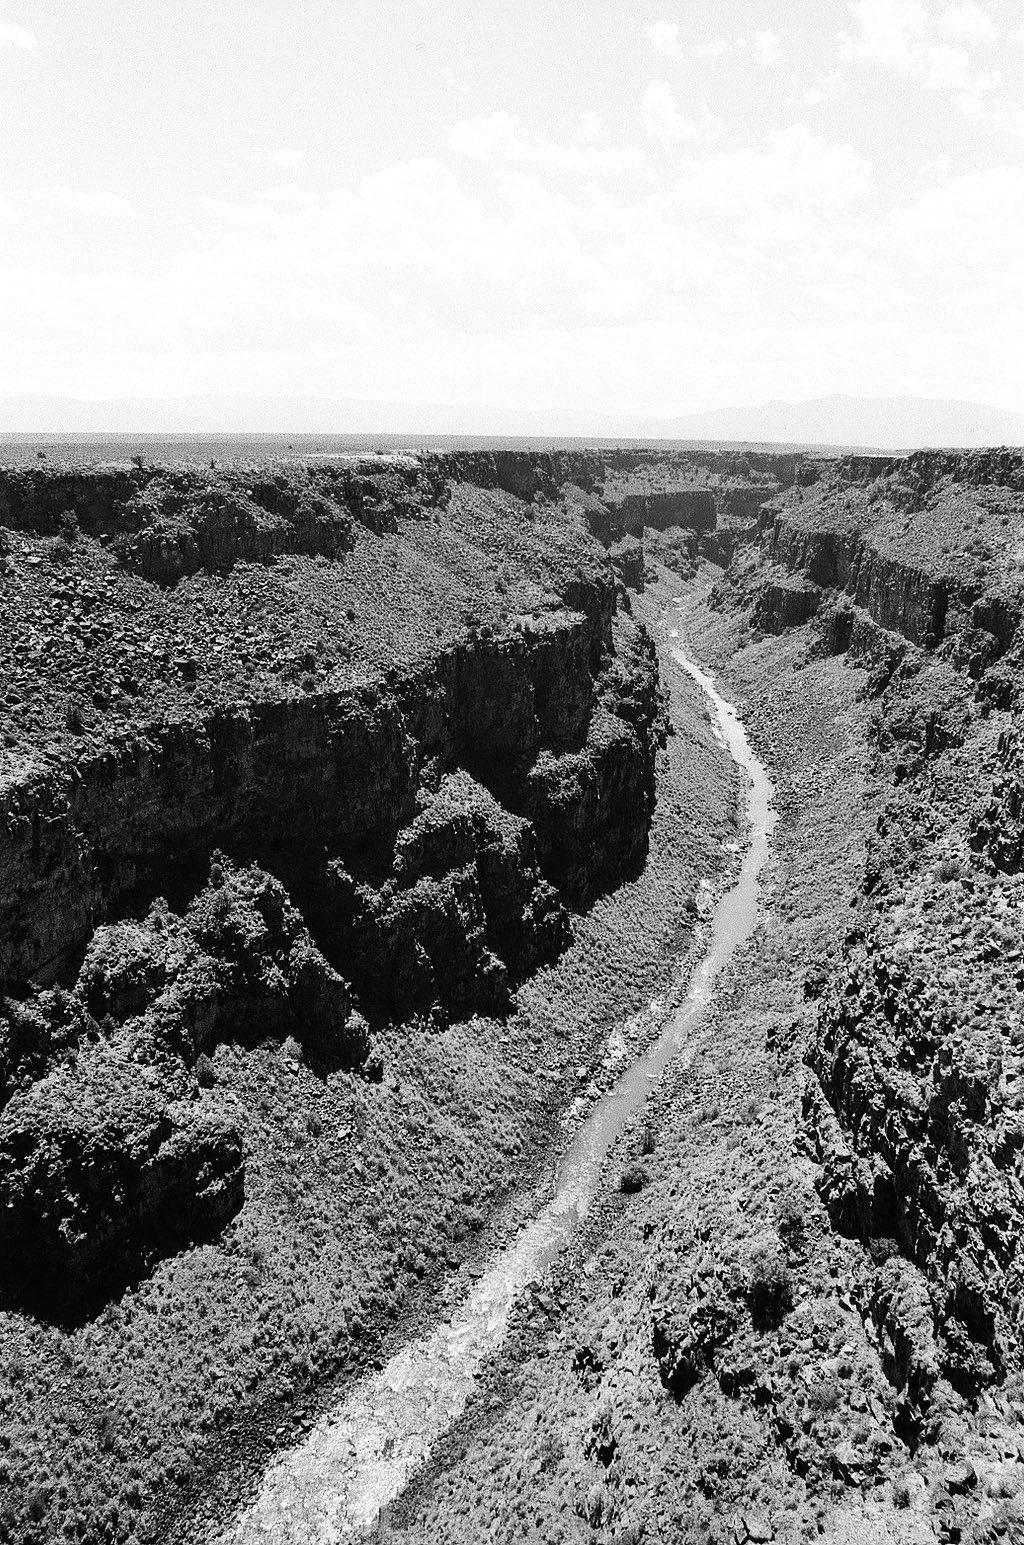 Monochrome 35mm Kodak Tri-X 400 film photograph of Rio Grande Gorge near Taos, Rio Grand Del Norte National Monument